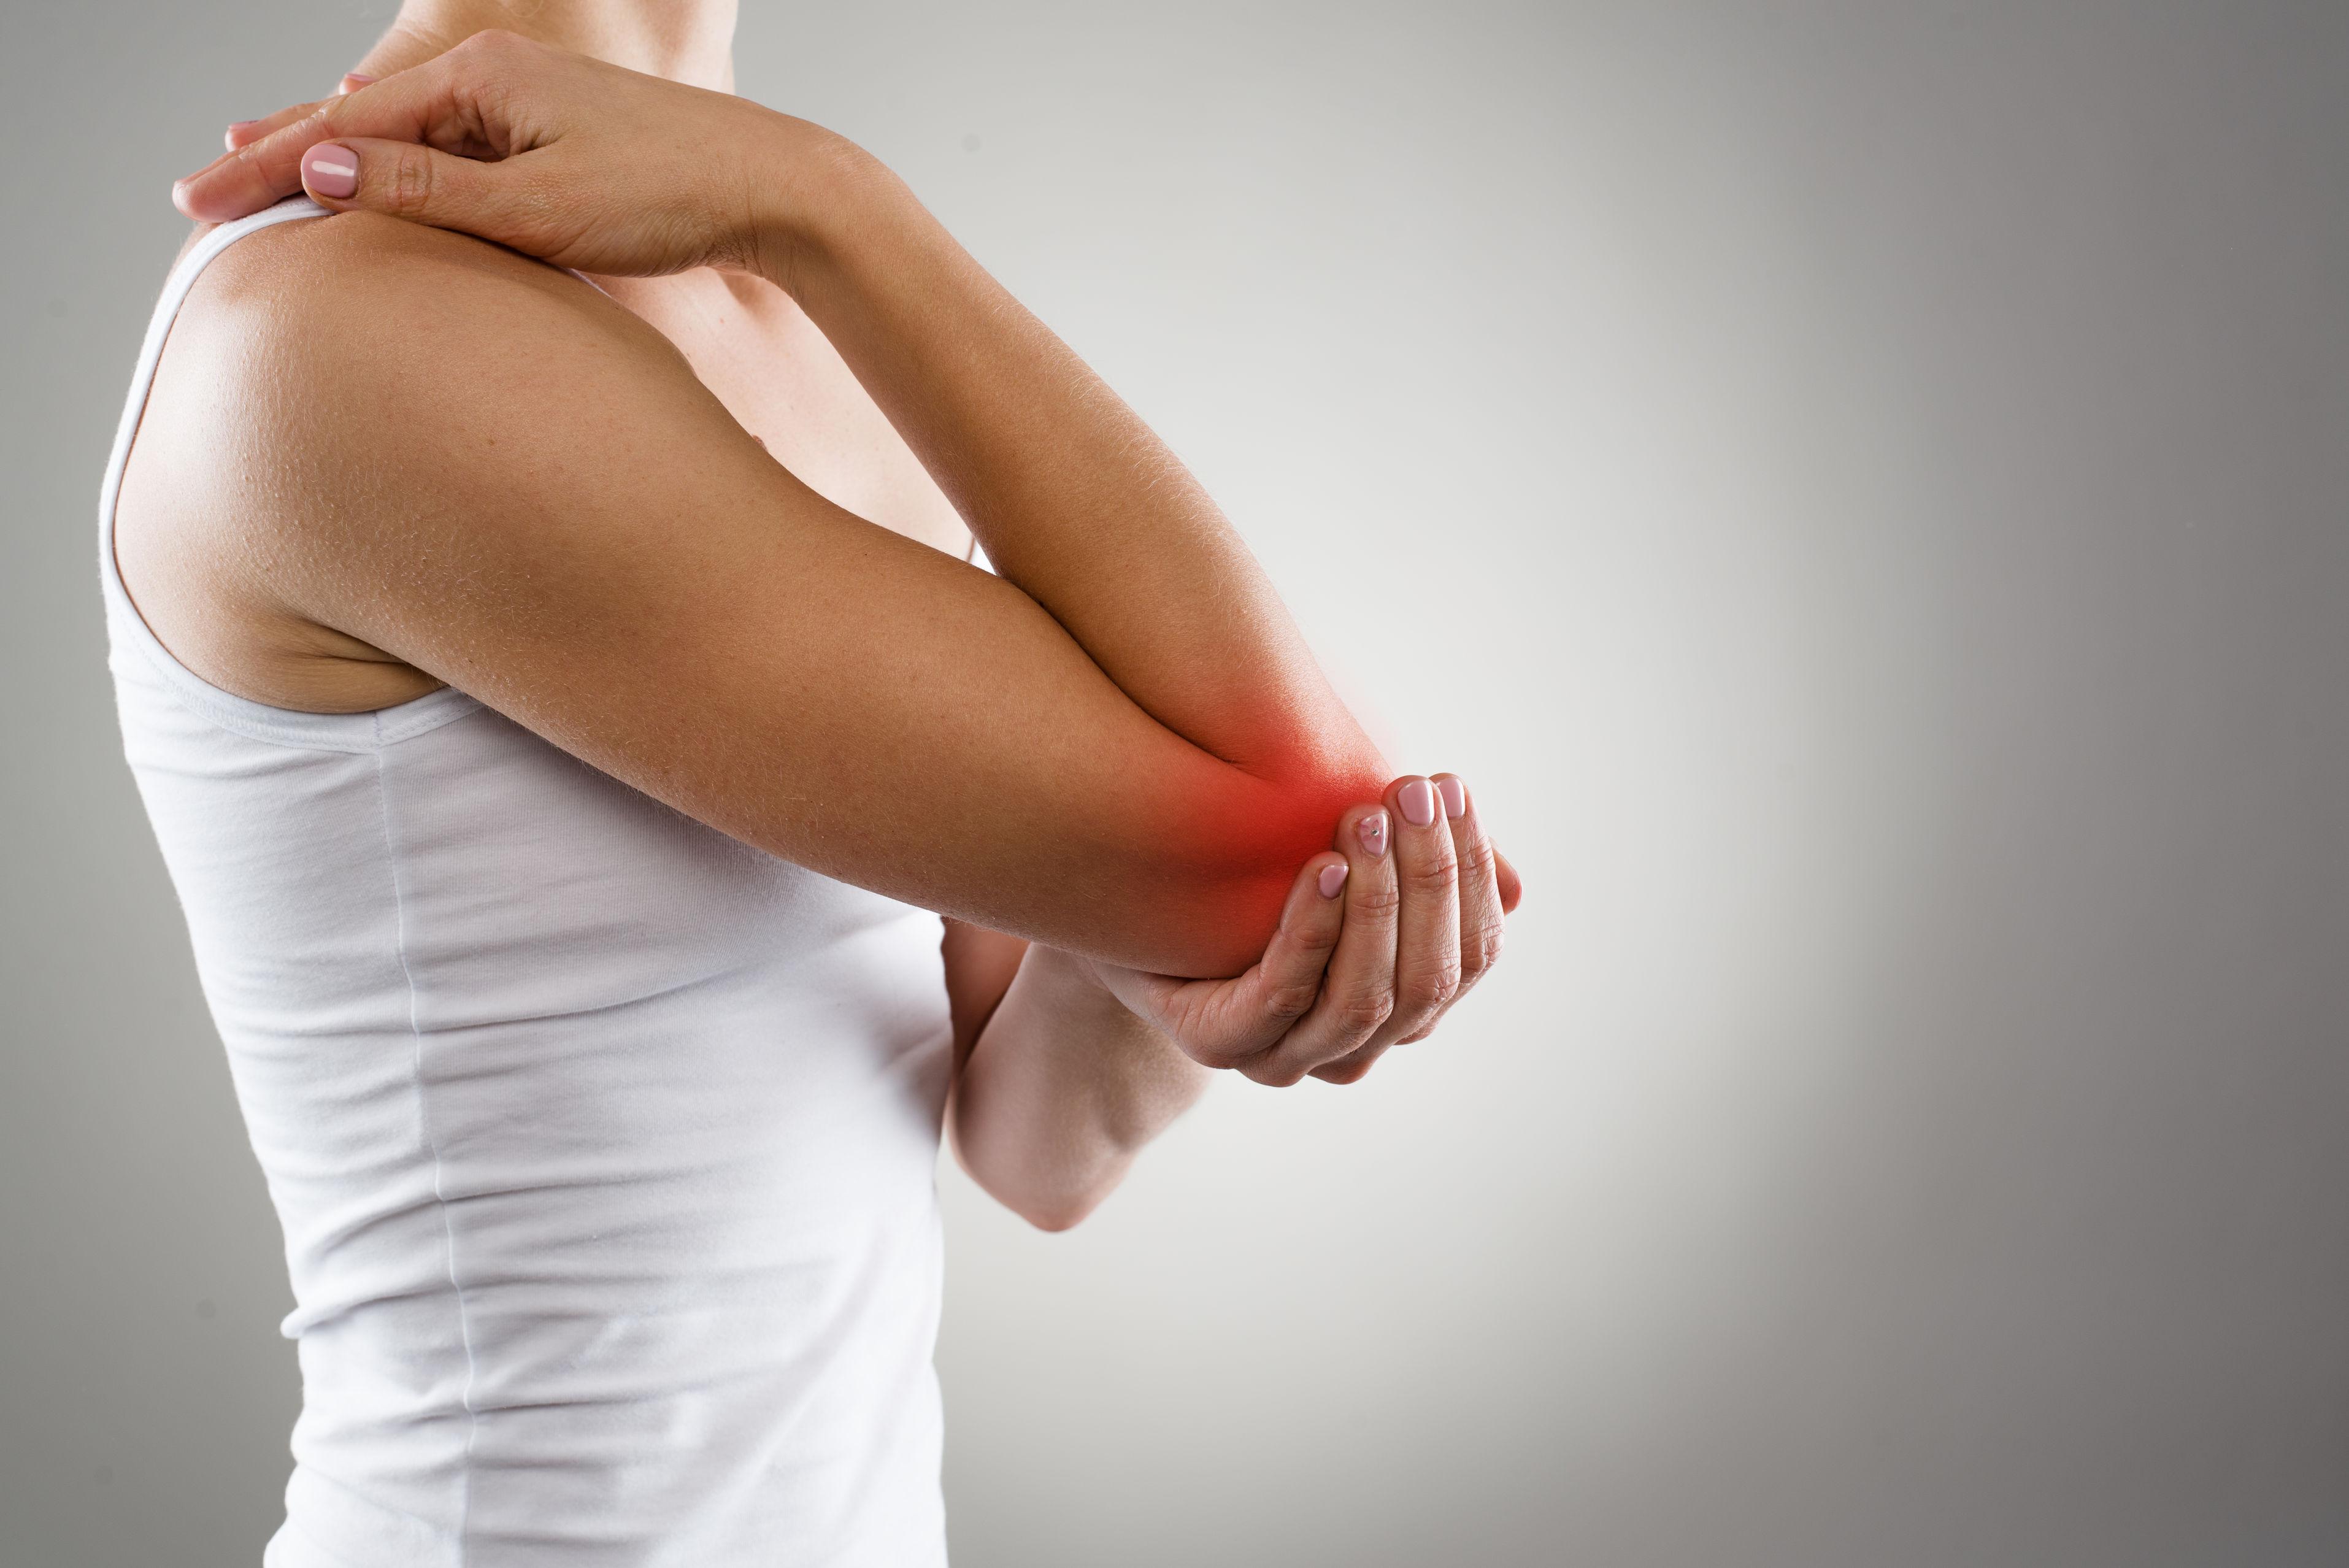 térdfájdalom elleni krém a gél enyhíti az ízületi fájdalmakat